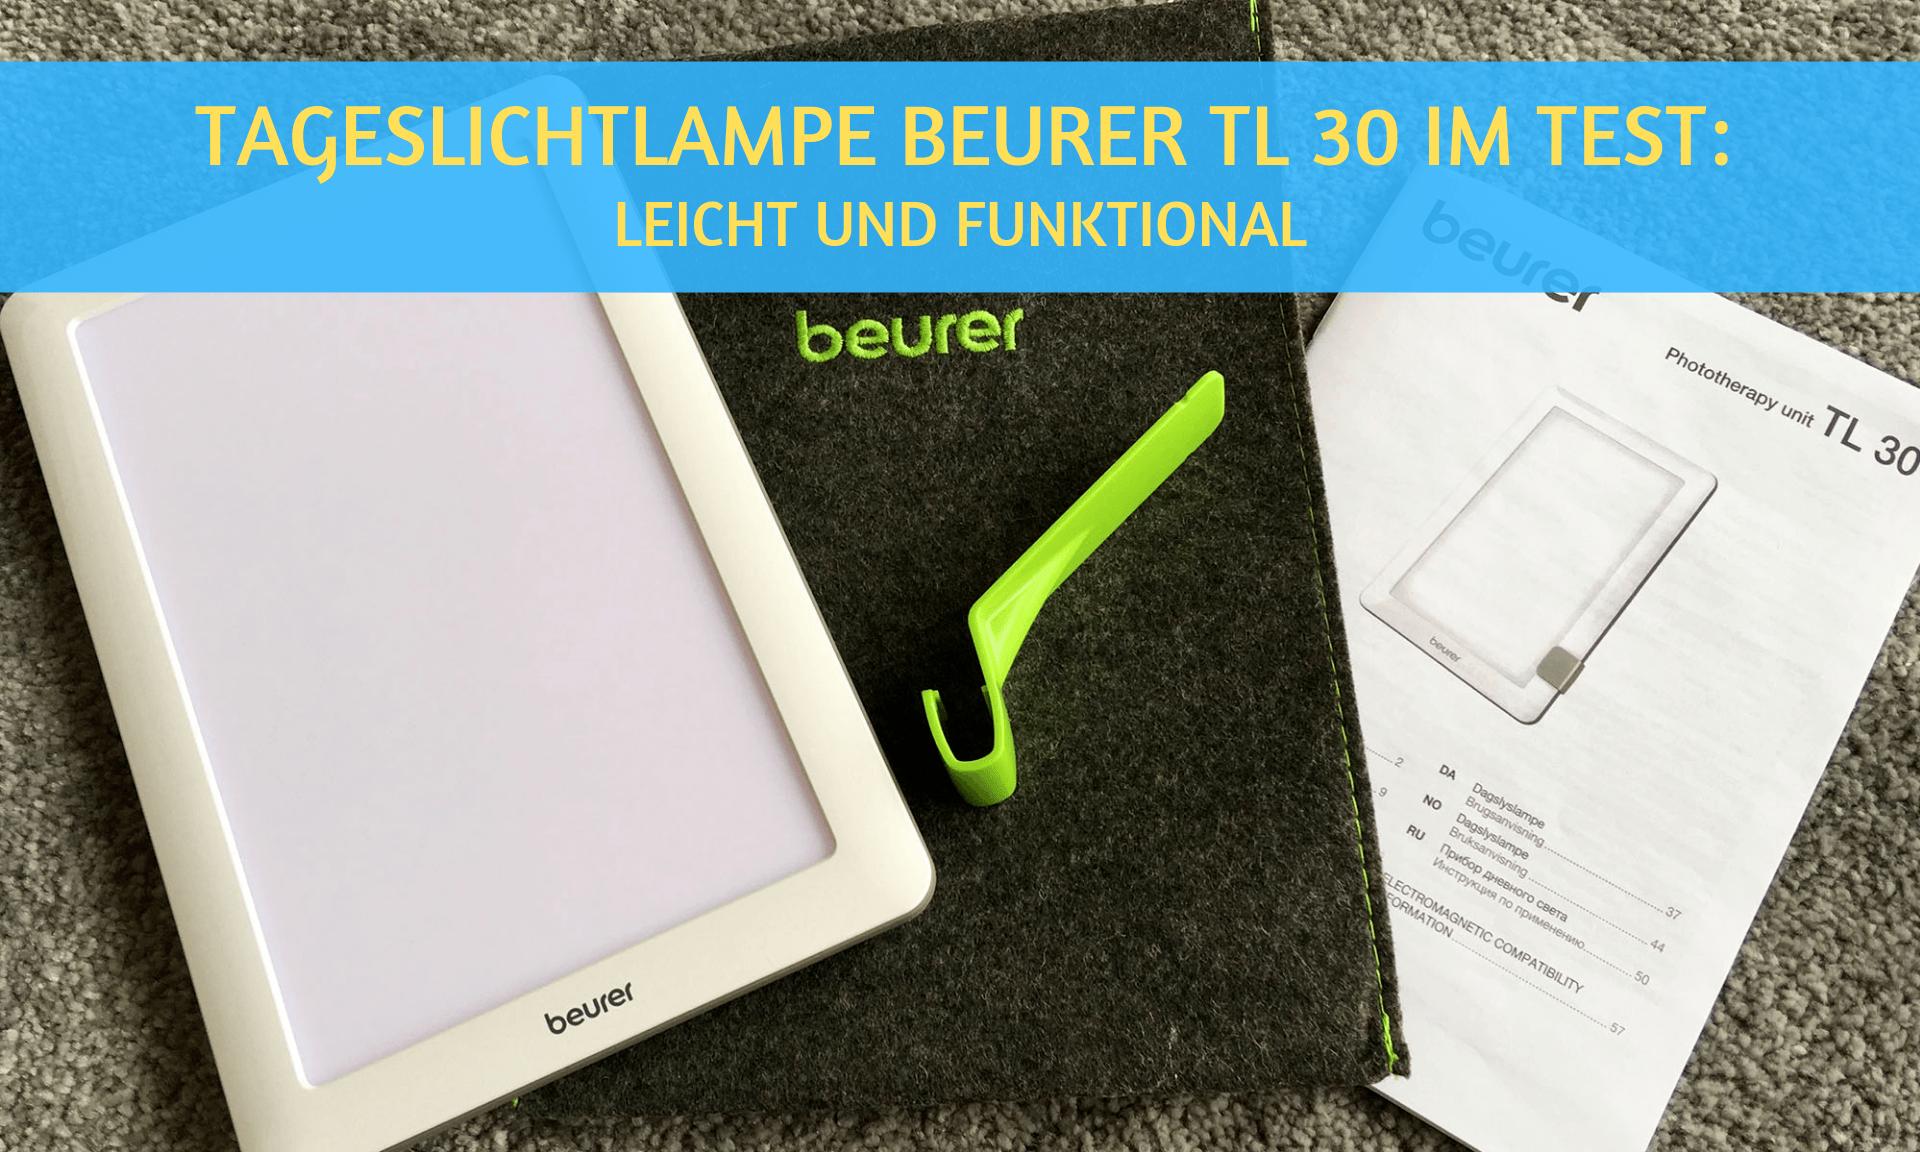 Die Tageslichtlampe Beurer TL 30 im Test. Mit Tasche und Bedienungsanleitung.